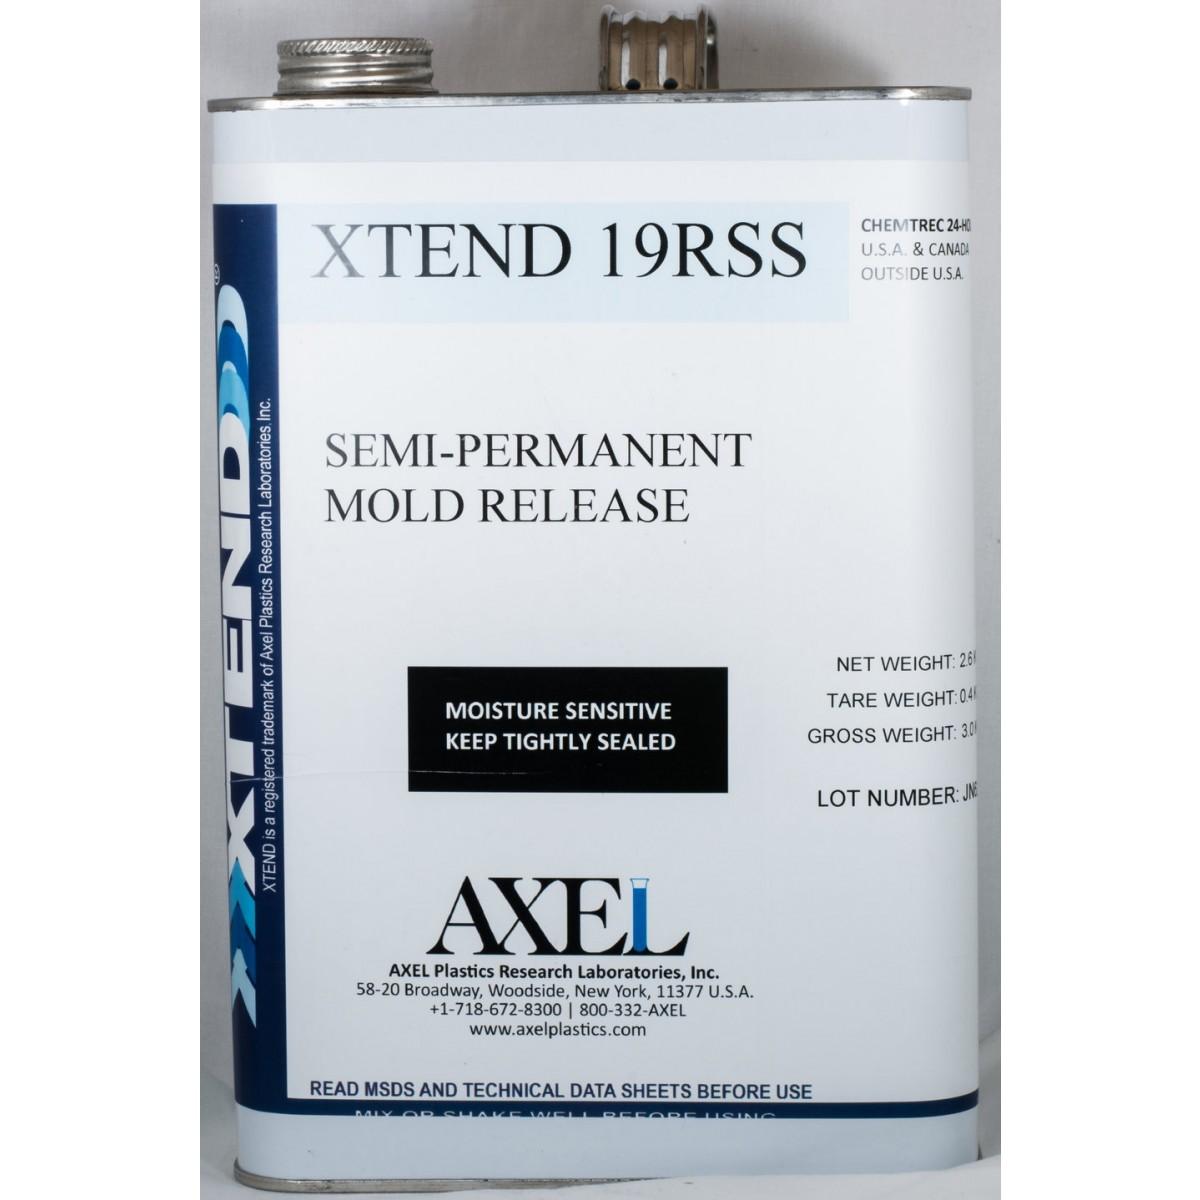 Axel XTEND 19RSS-31